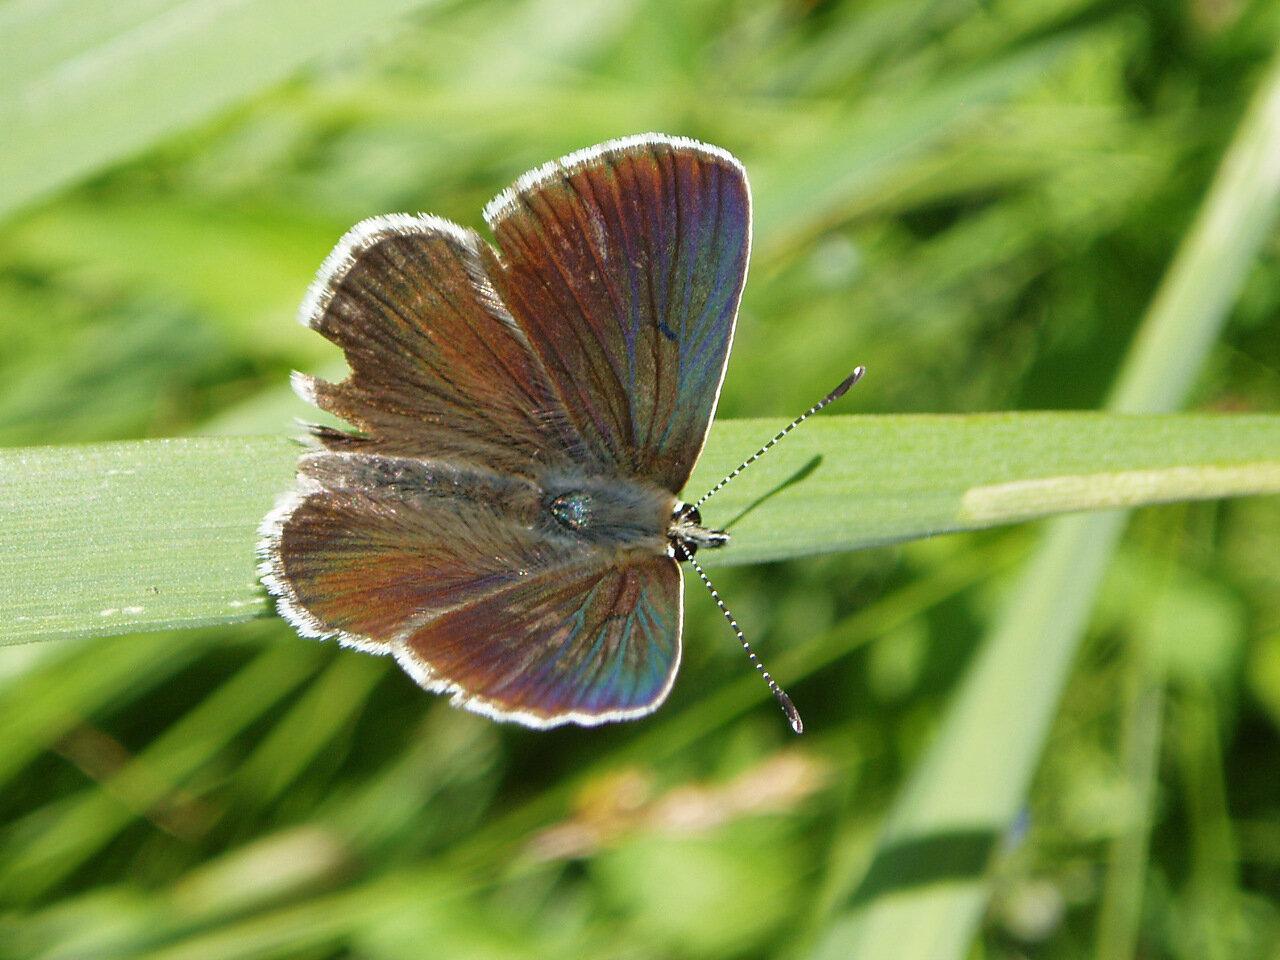 Голубянка изменчивая (Aricia artaxerxes). Автор фото: Владимир Брюхов